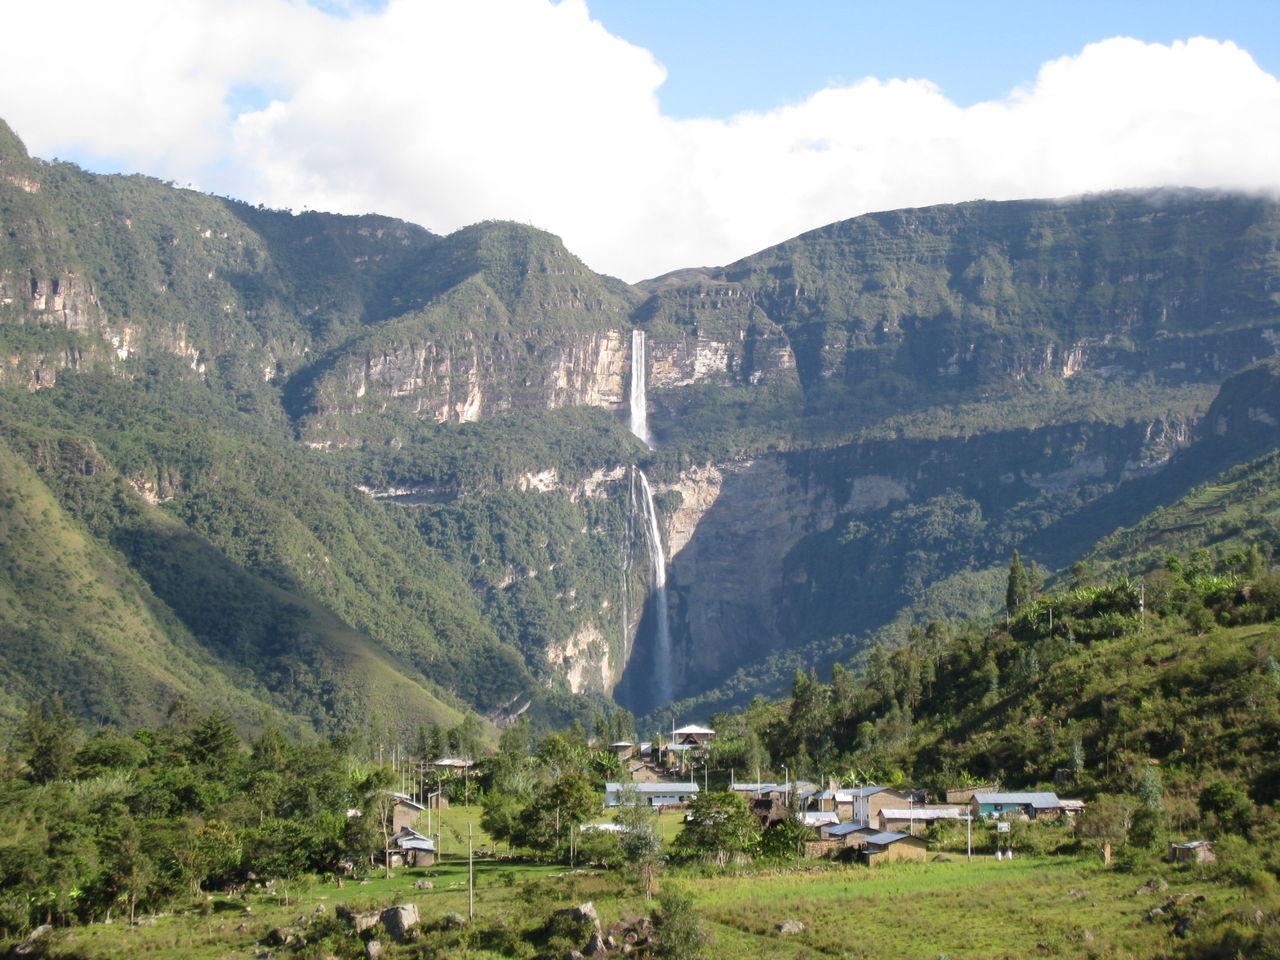 麓の街とゴクタの滝 遺跡壁紙